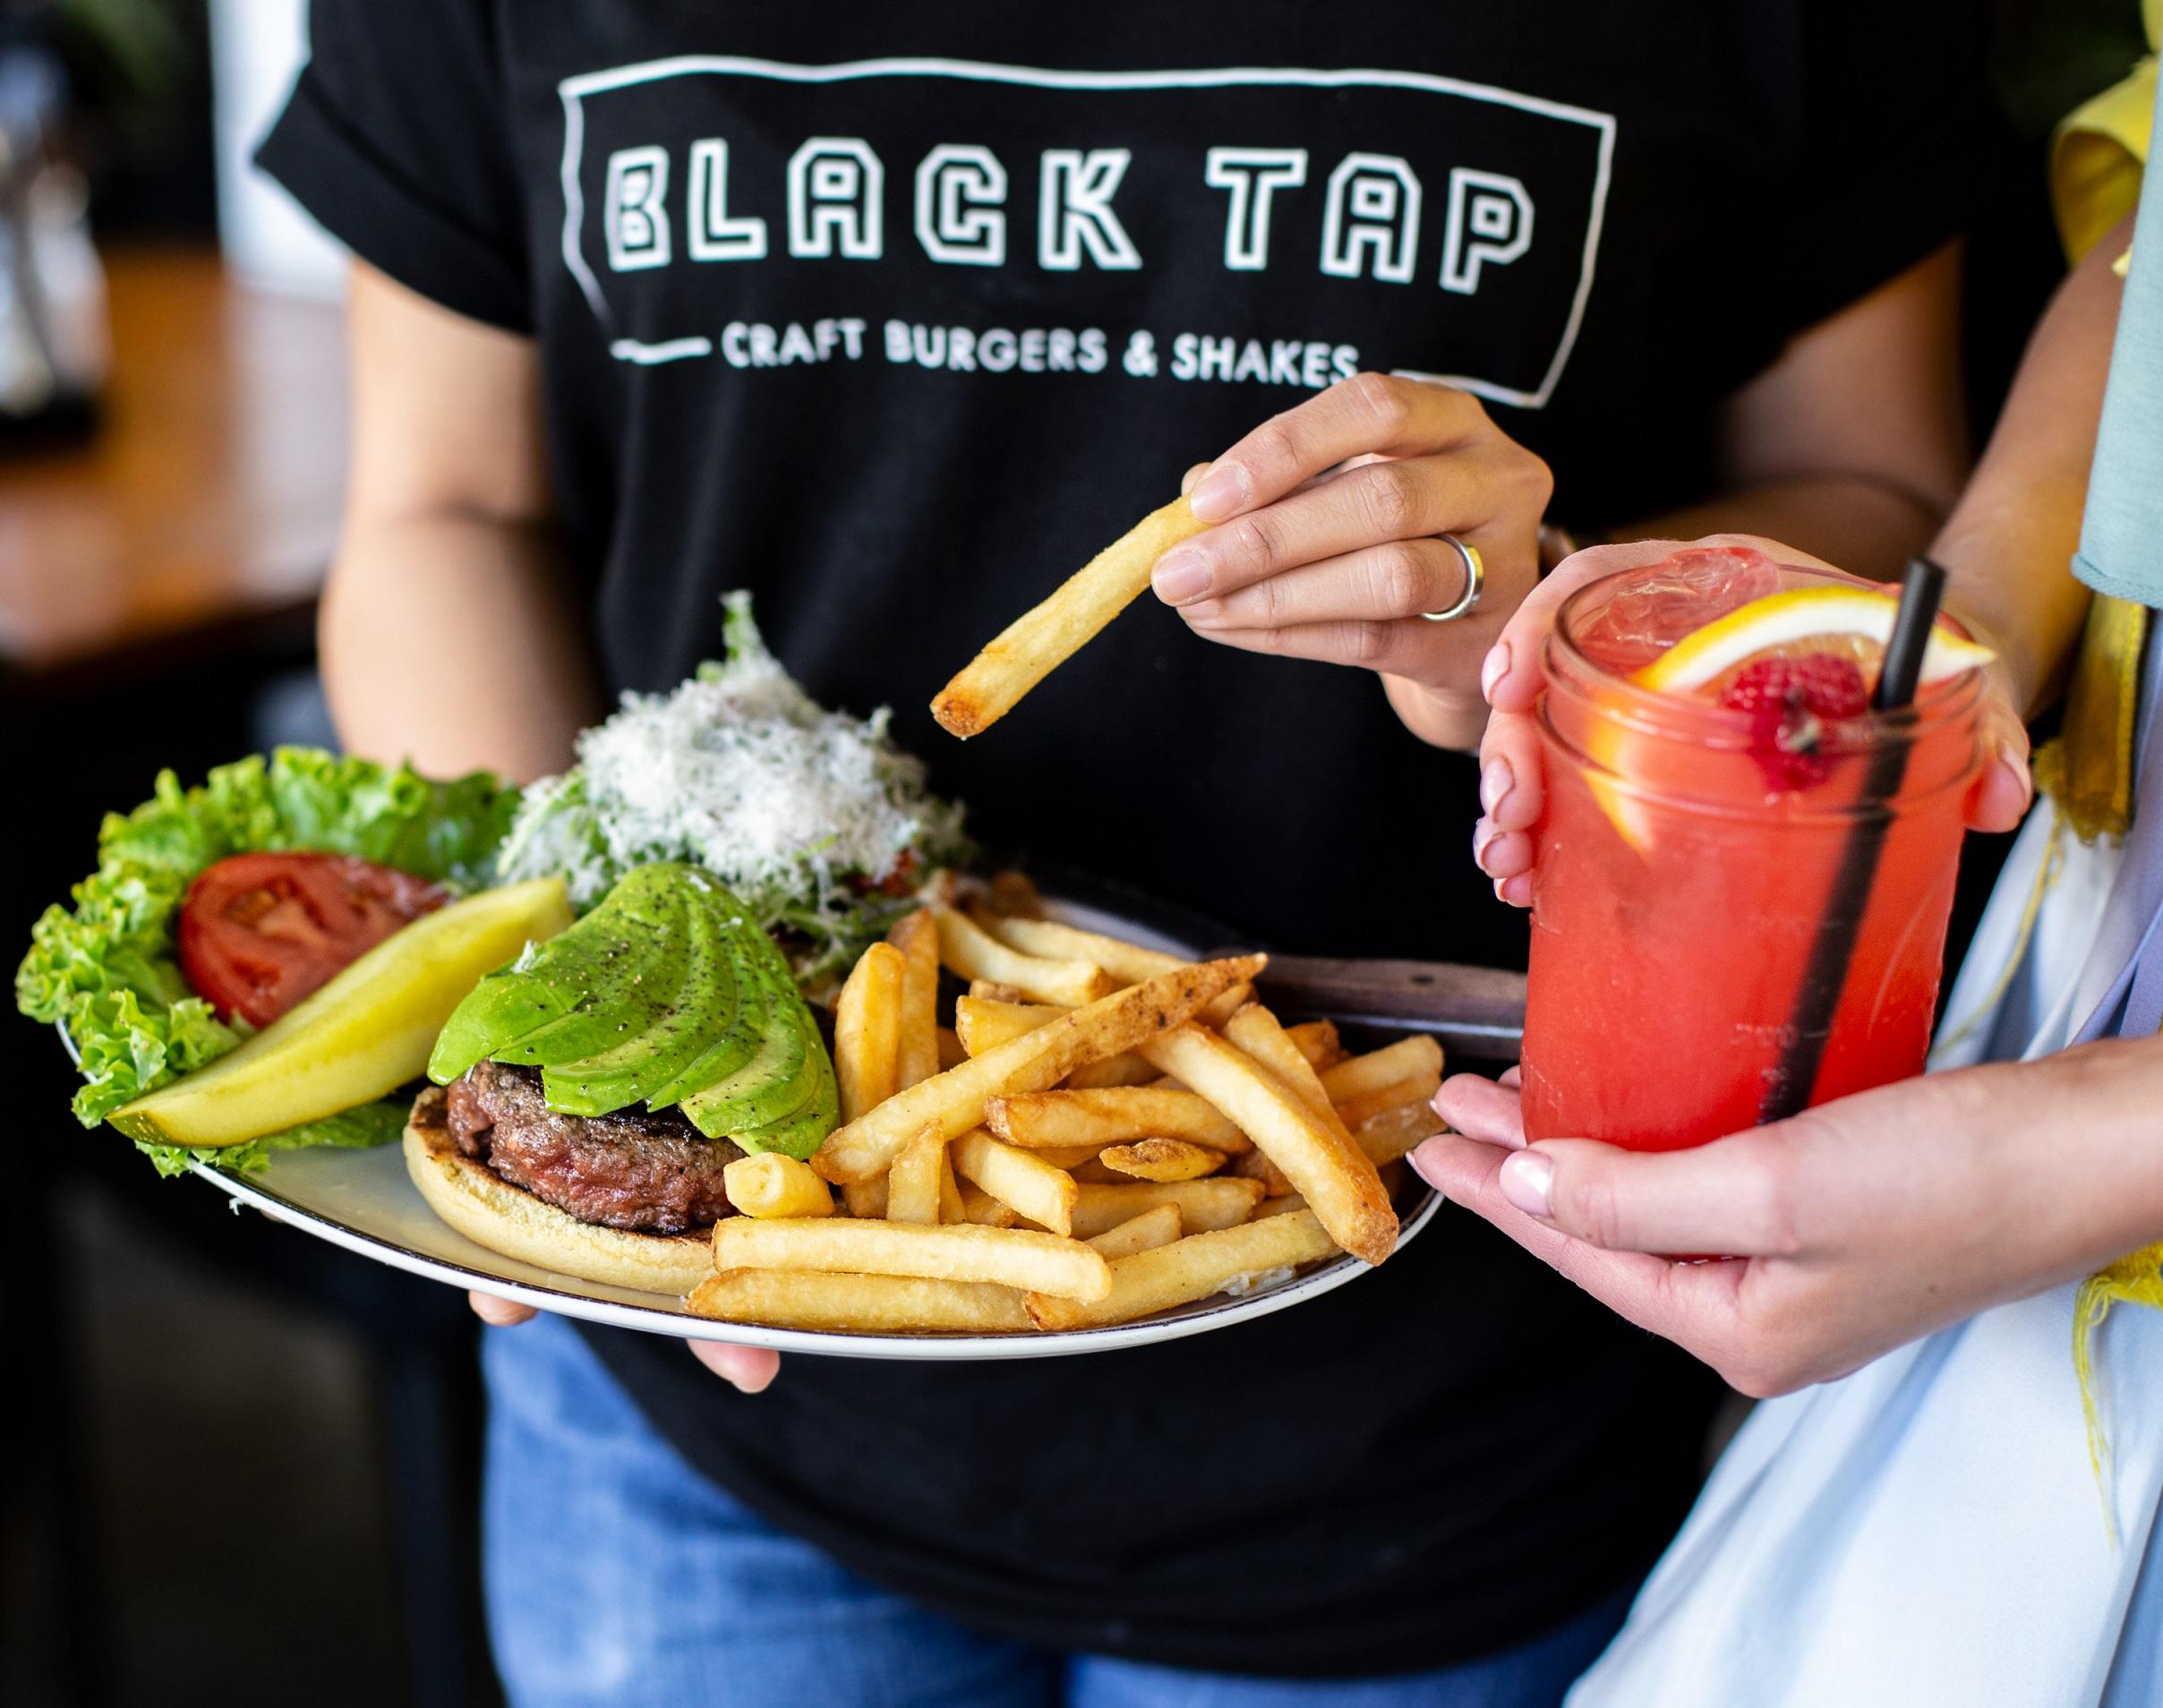 مطعم بلاك تاب يطلق قائمة طعام جديدة